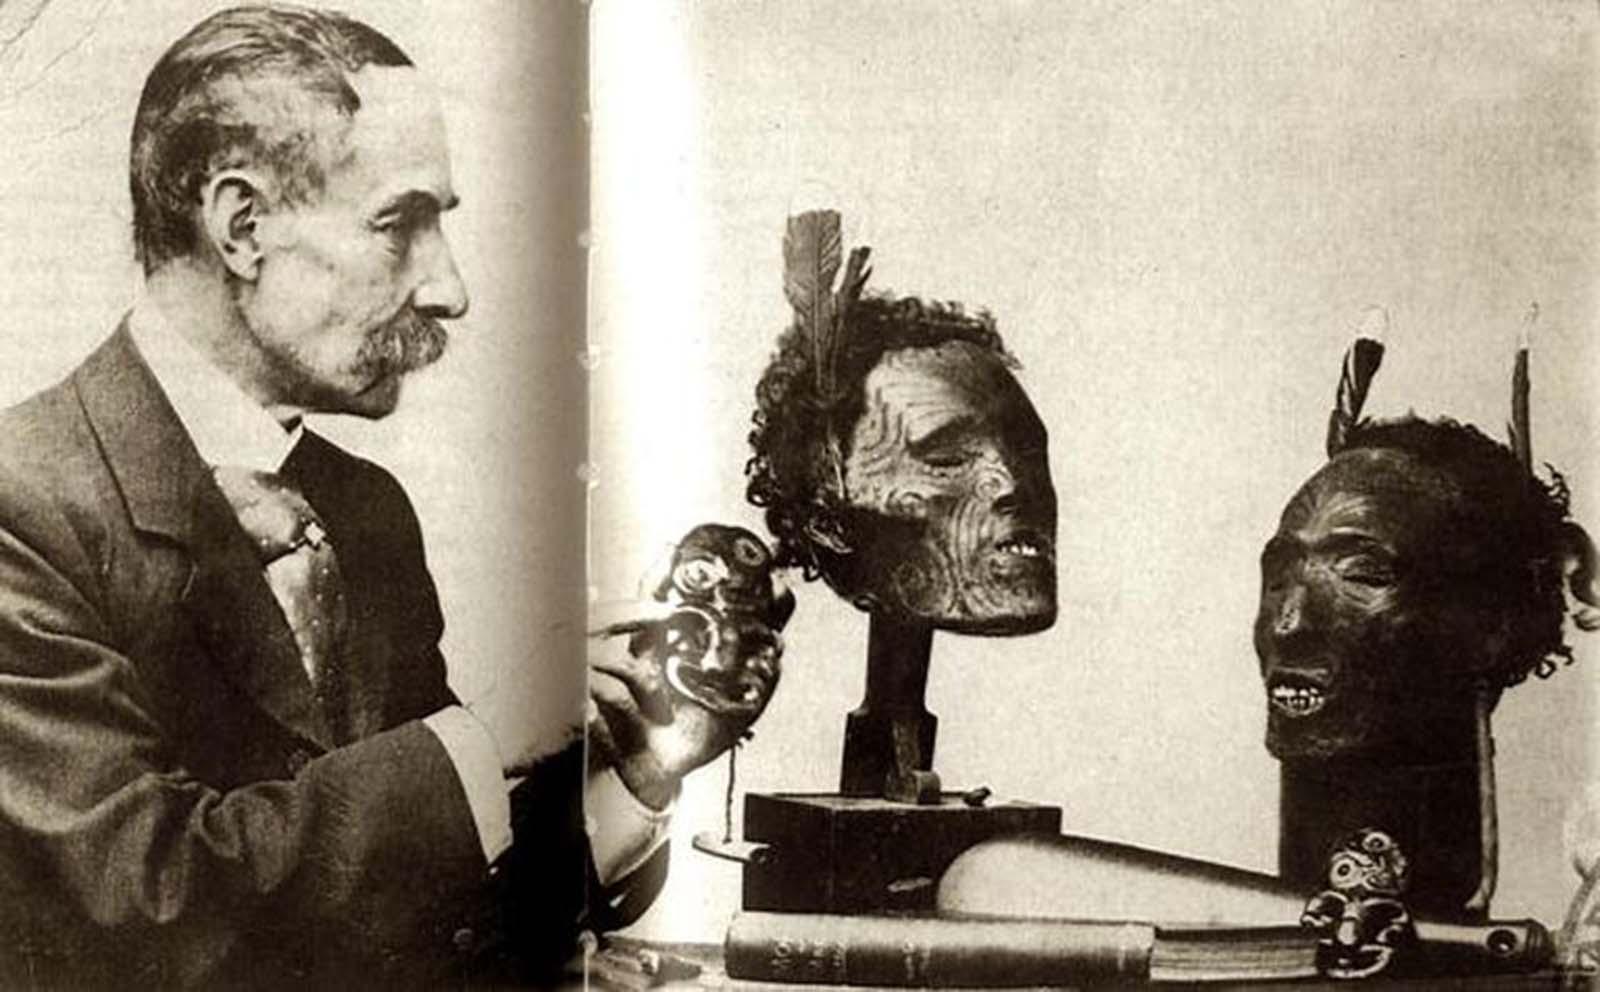 Continuando con la escritura después de su retiro, volvió a su interés en los tatuajes y escribió dos libros relacionados con su tiempo en Nueva Zelanda, Moko o Maori Tattooing en 1896 y Pounamu: Notes on New Zealand Greenstone.